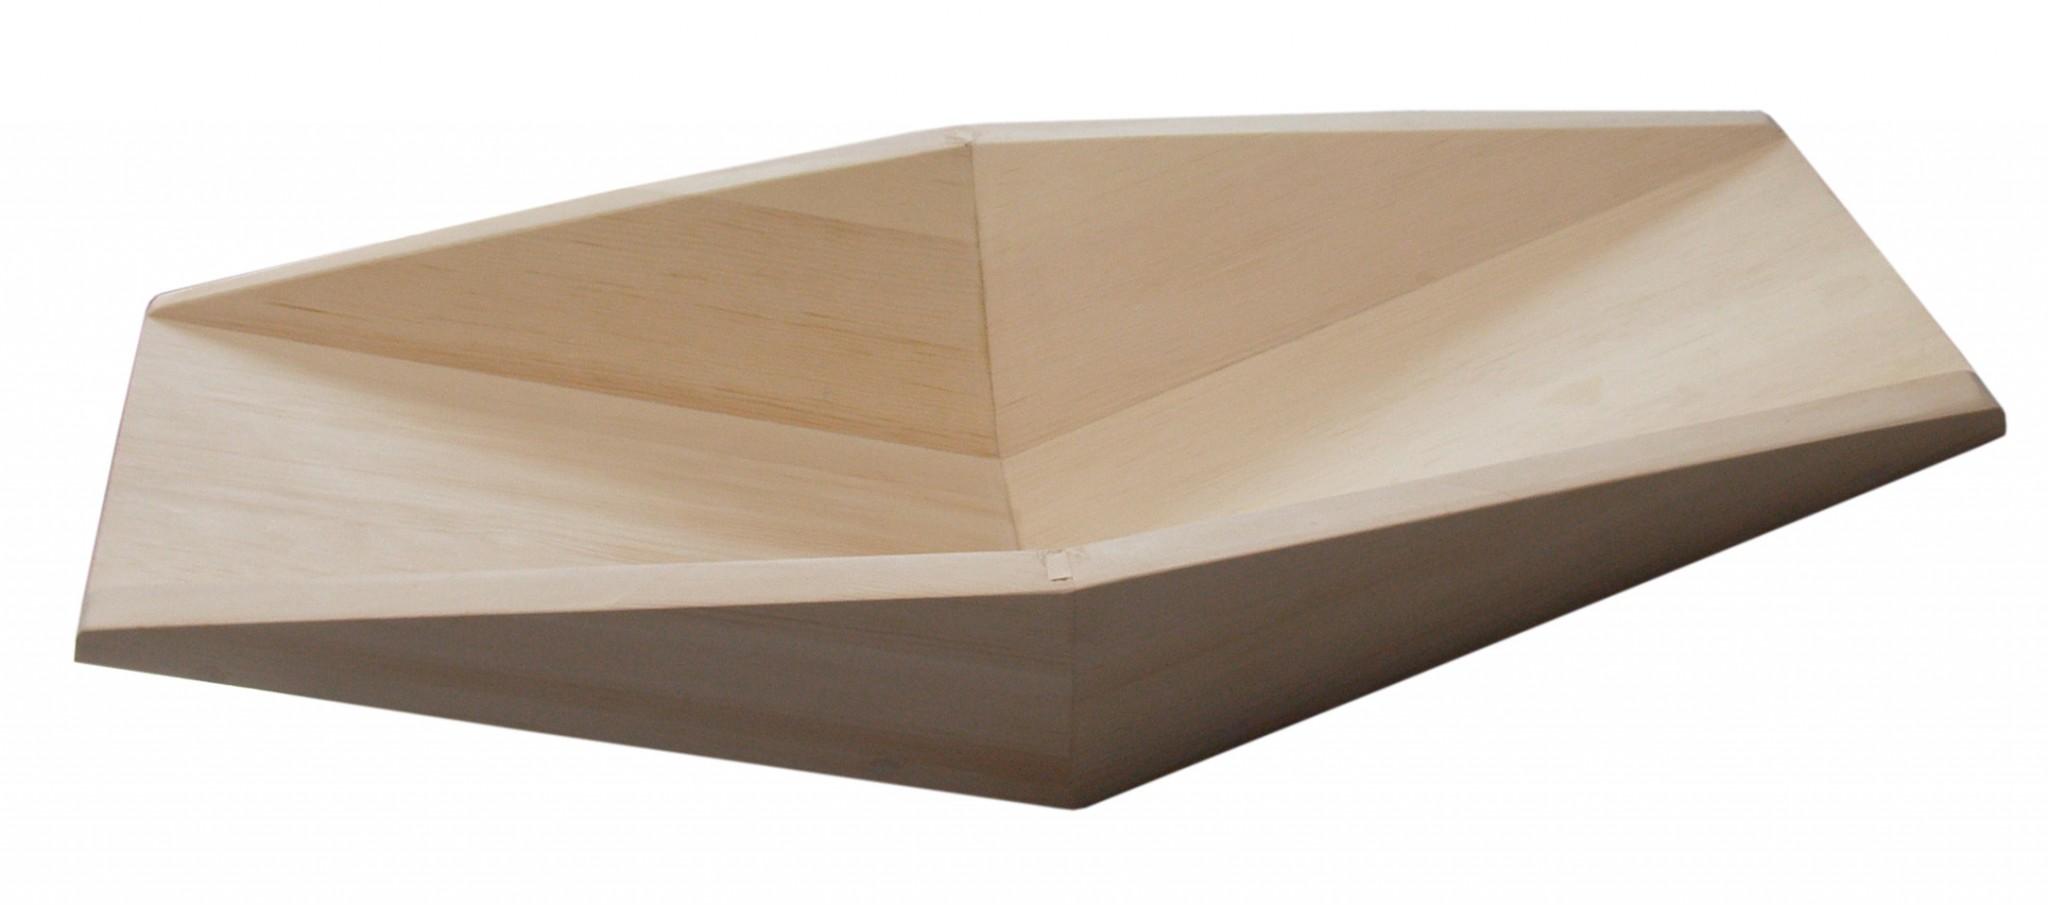 деревянный лоток старателя v-образный